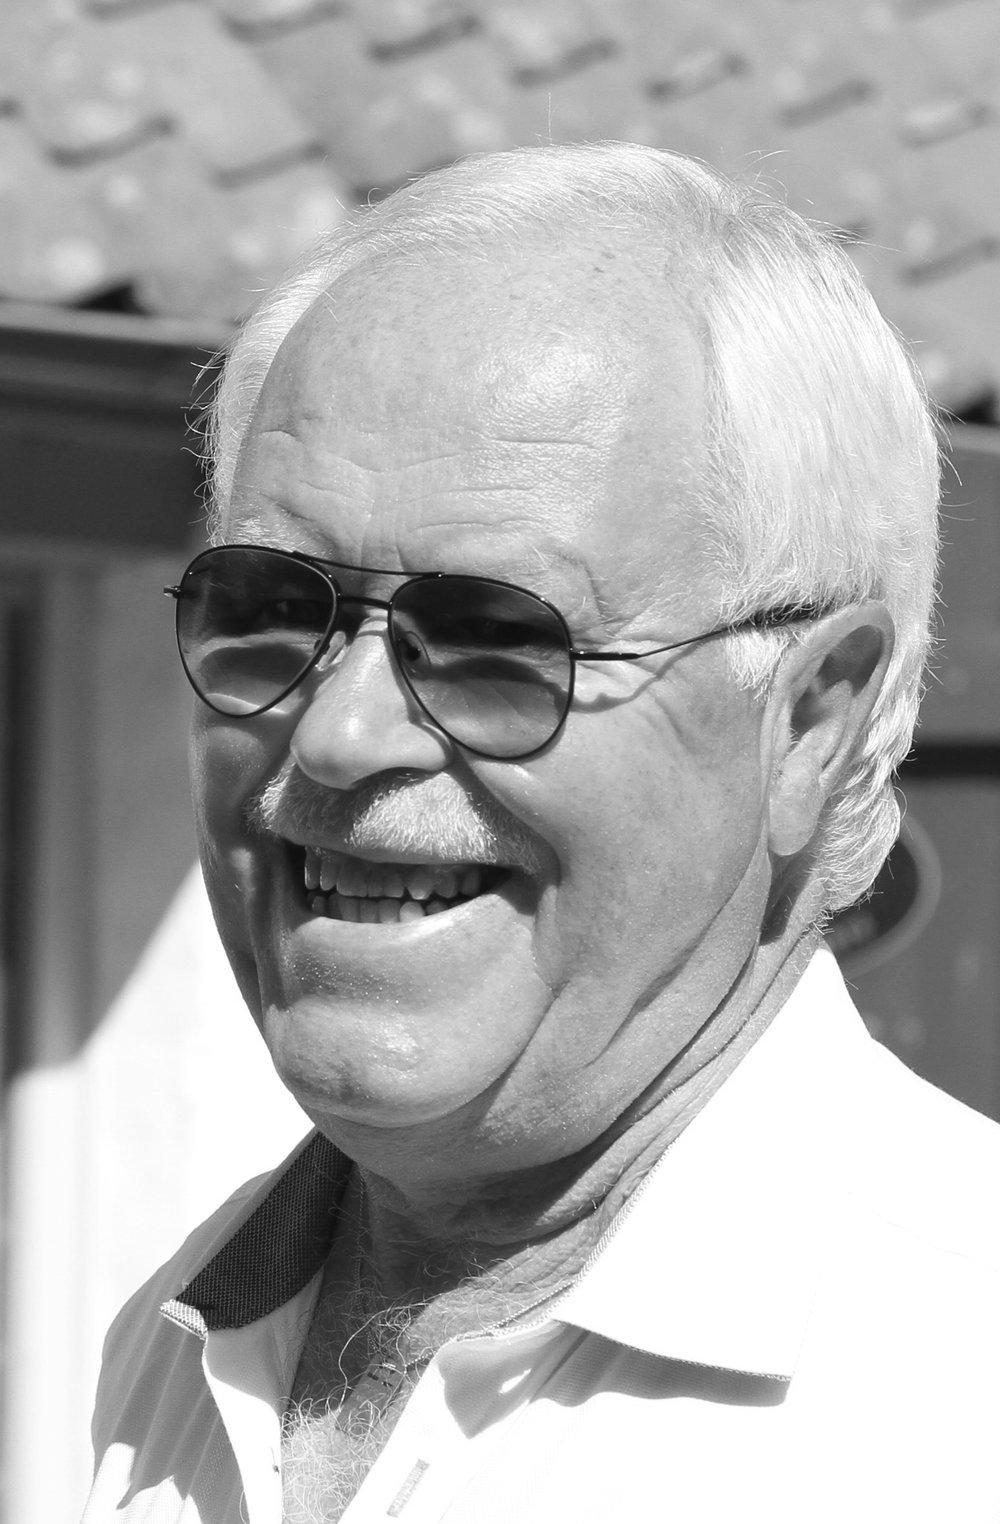 Björn Sahlsten  Medlem i klubben sedan 1979 och har under drygt 30 år varit en uppskattad ideell kraft och aktiv i klubbens verksamhet på många olika positioner. Björn har bl.a. varit styrelseledamot i totalt 15 år, suttit med i ban-, herr-, marknads-, medlemskommittén och ansvarig för klubbens golfvärdar.